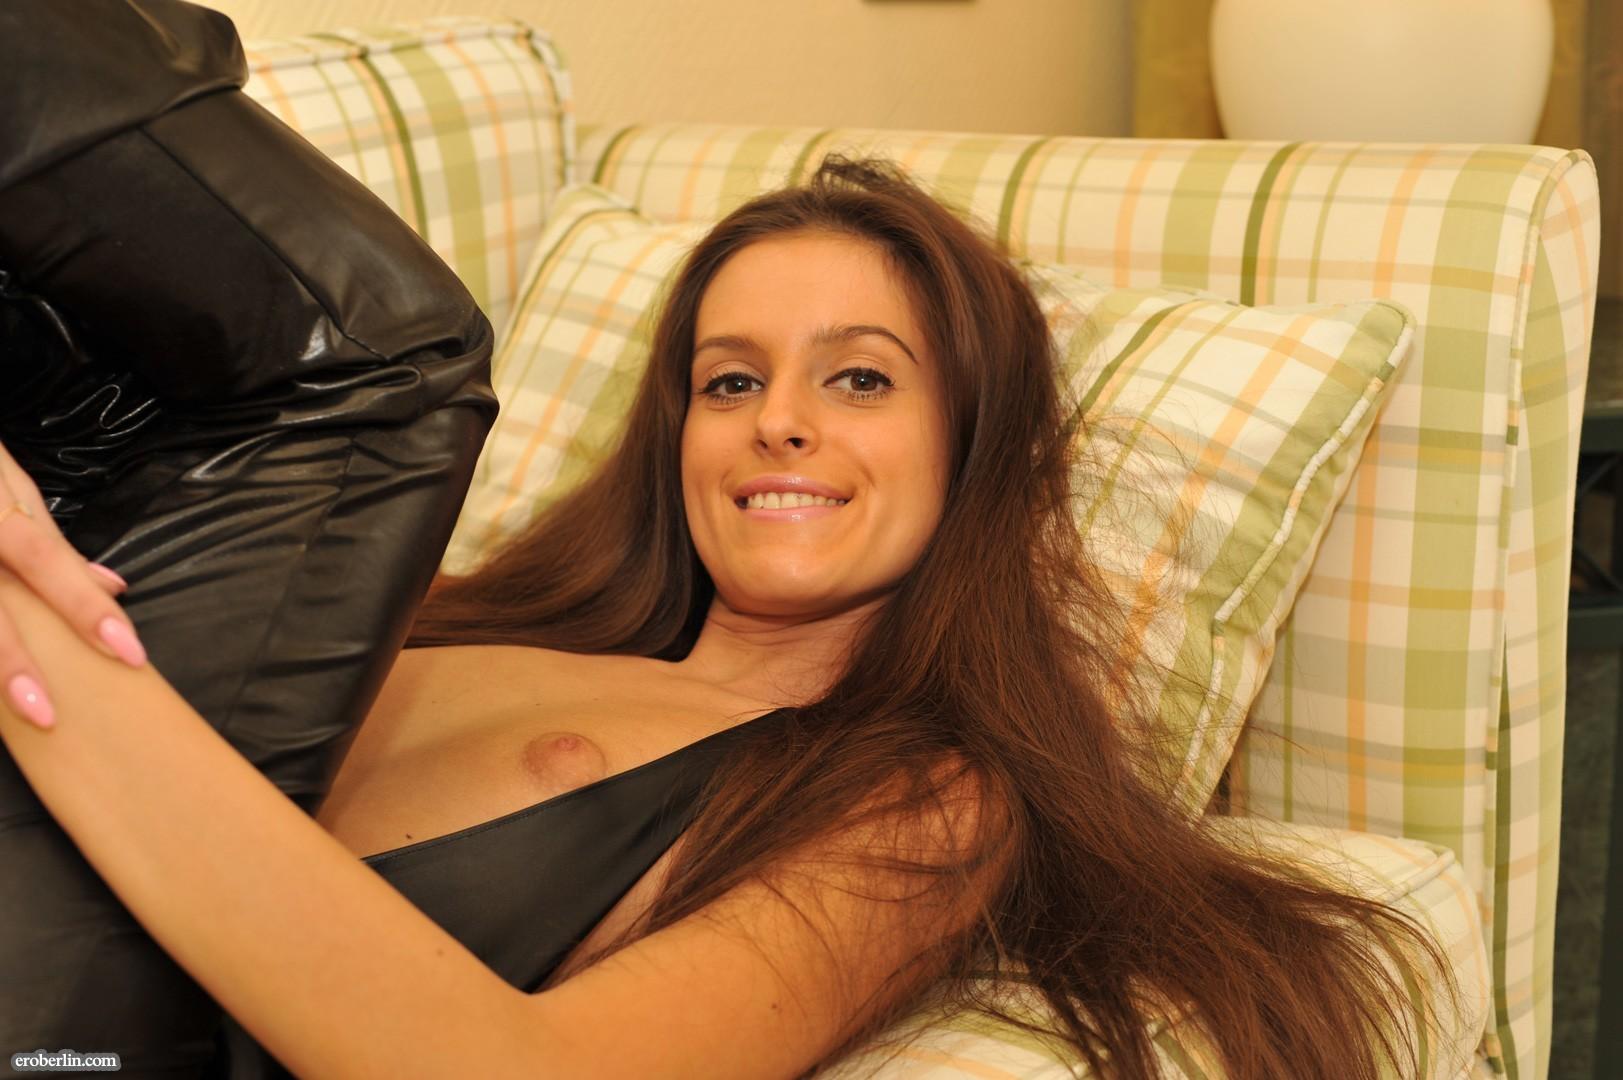 Сексуальная русская кошечка хоть и не обладает грудью, но всё же очень привлекательно выглядит